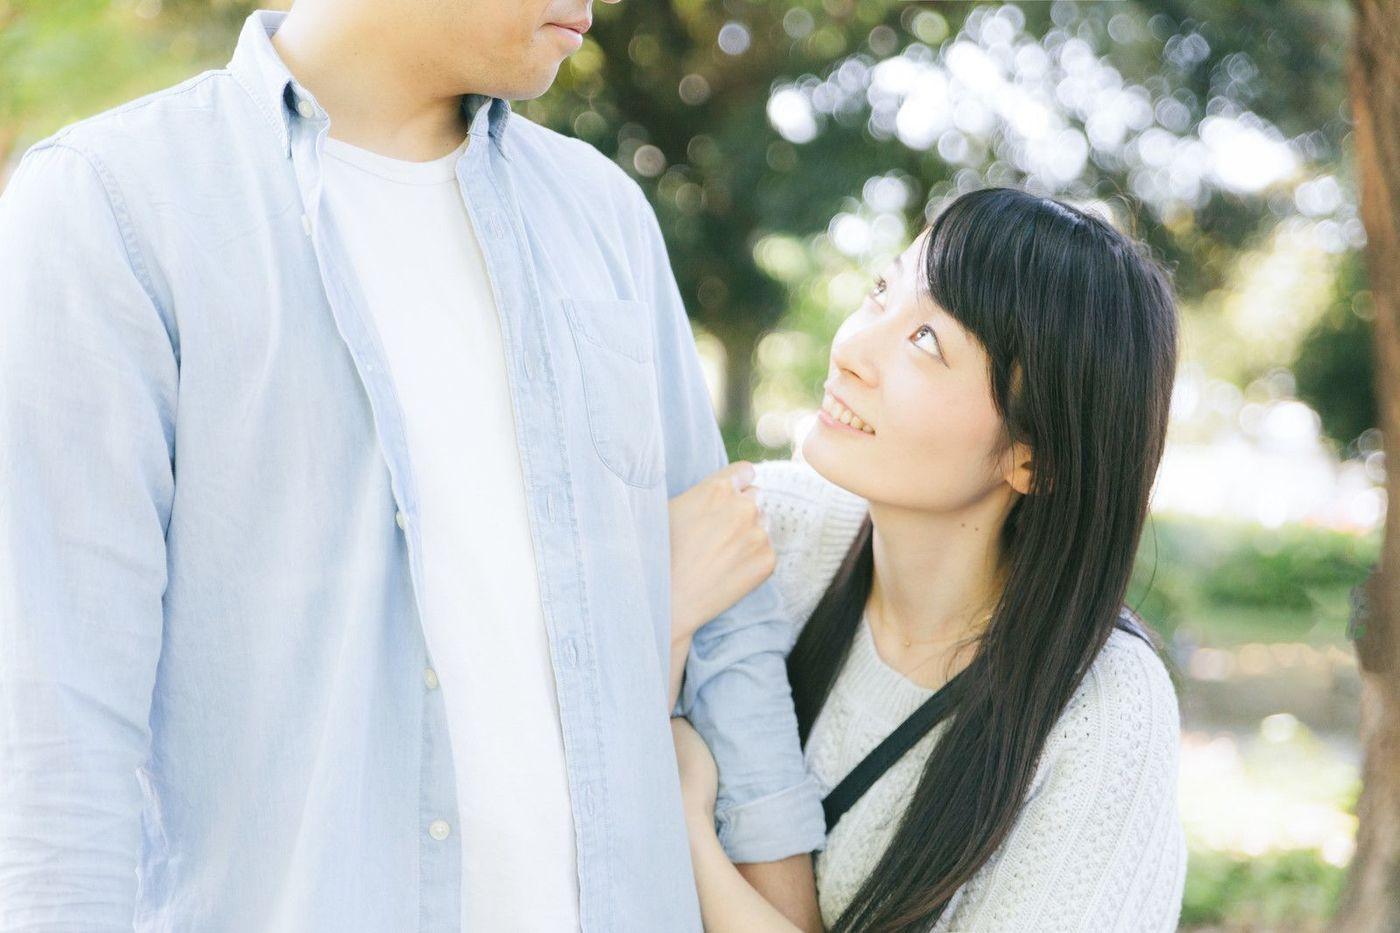 【なかなか告白してくれない?】恋愛には奥手な「草食系男子」の特徴の6枚目の画像